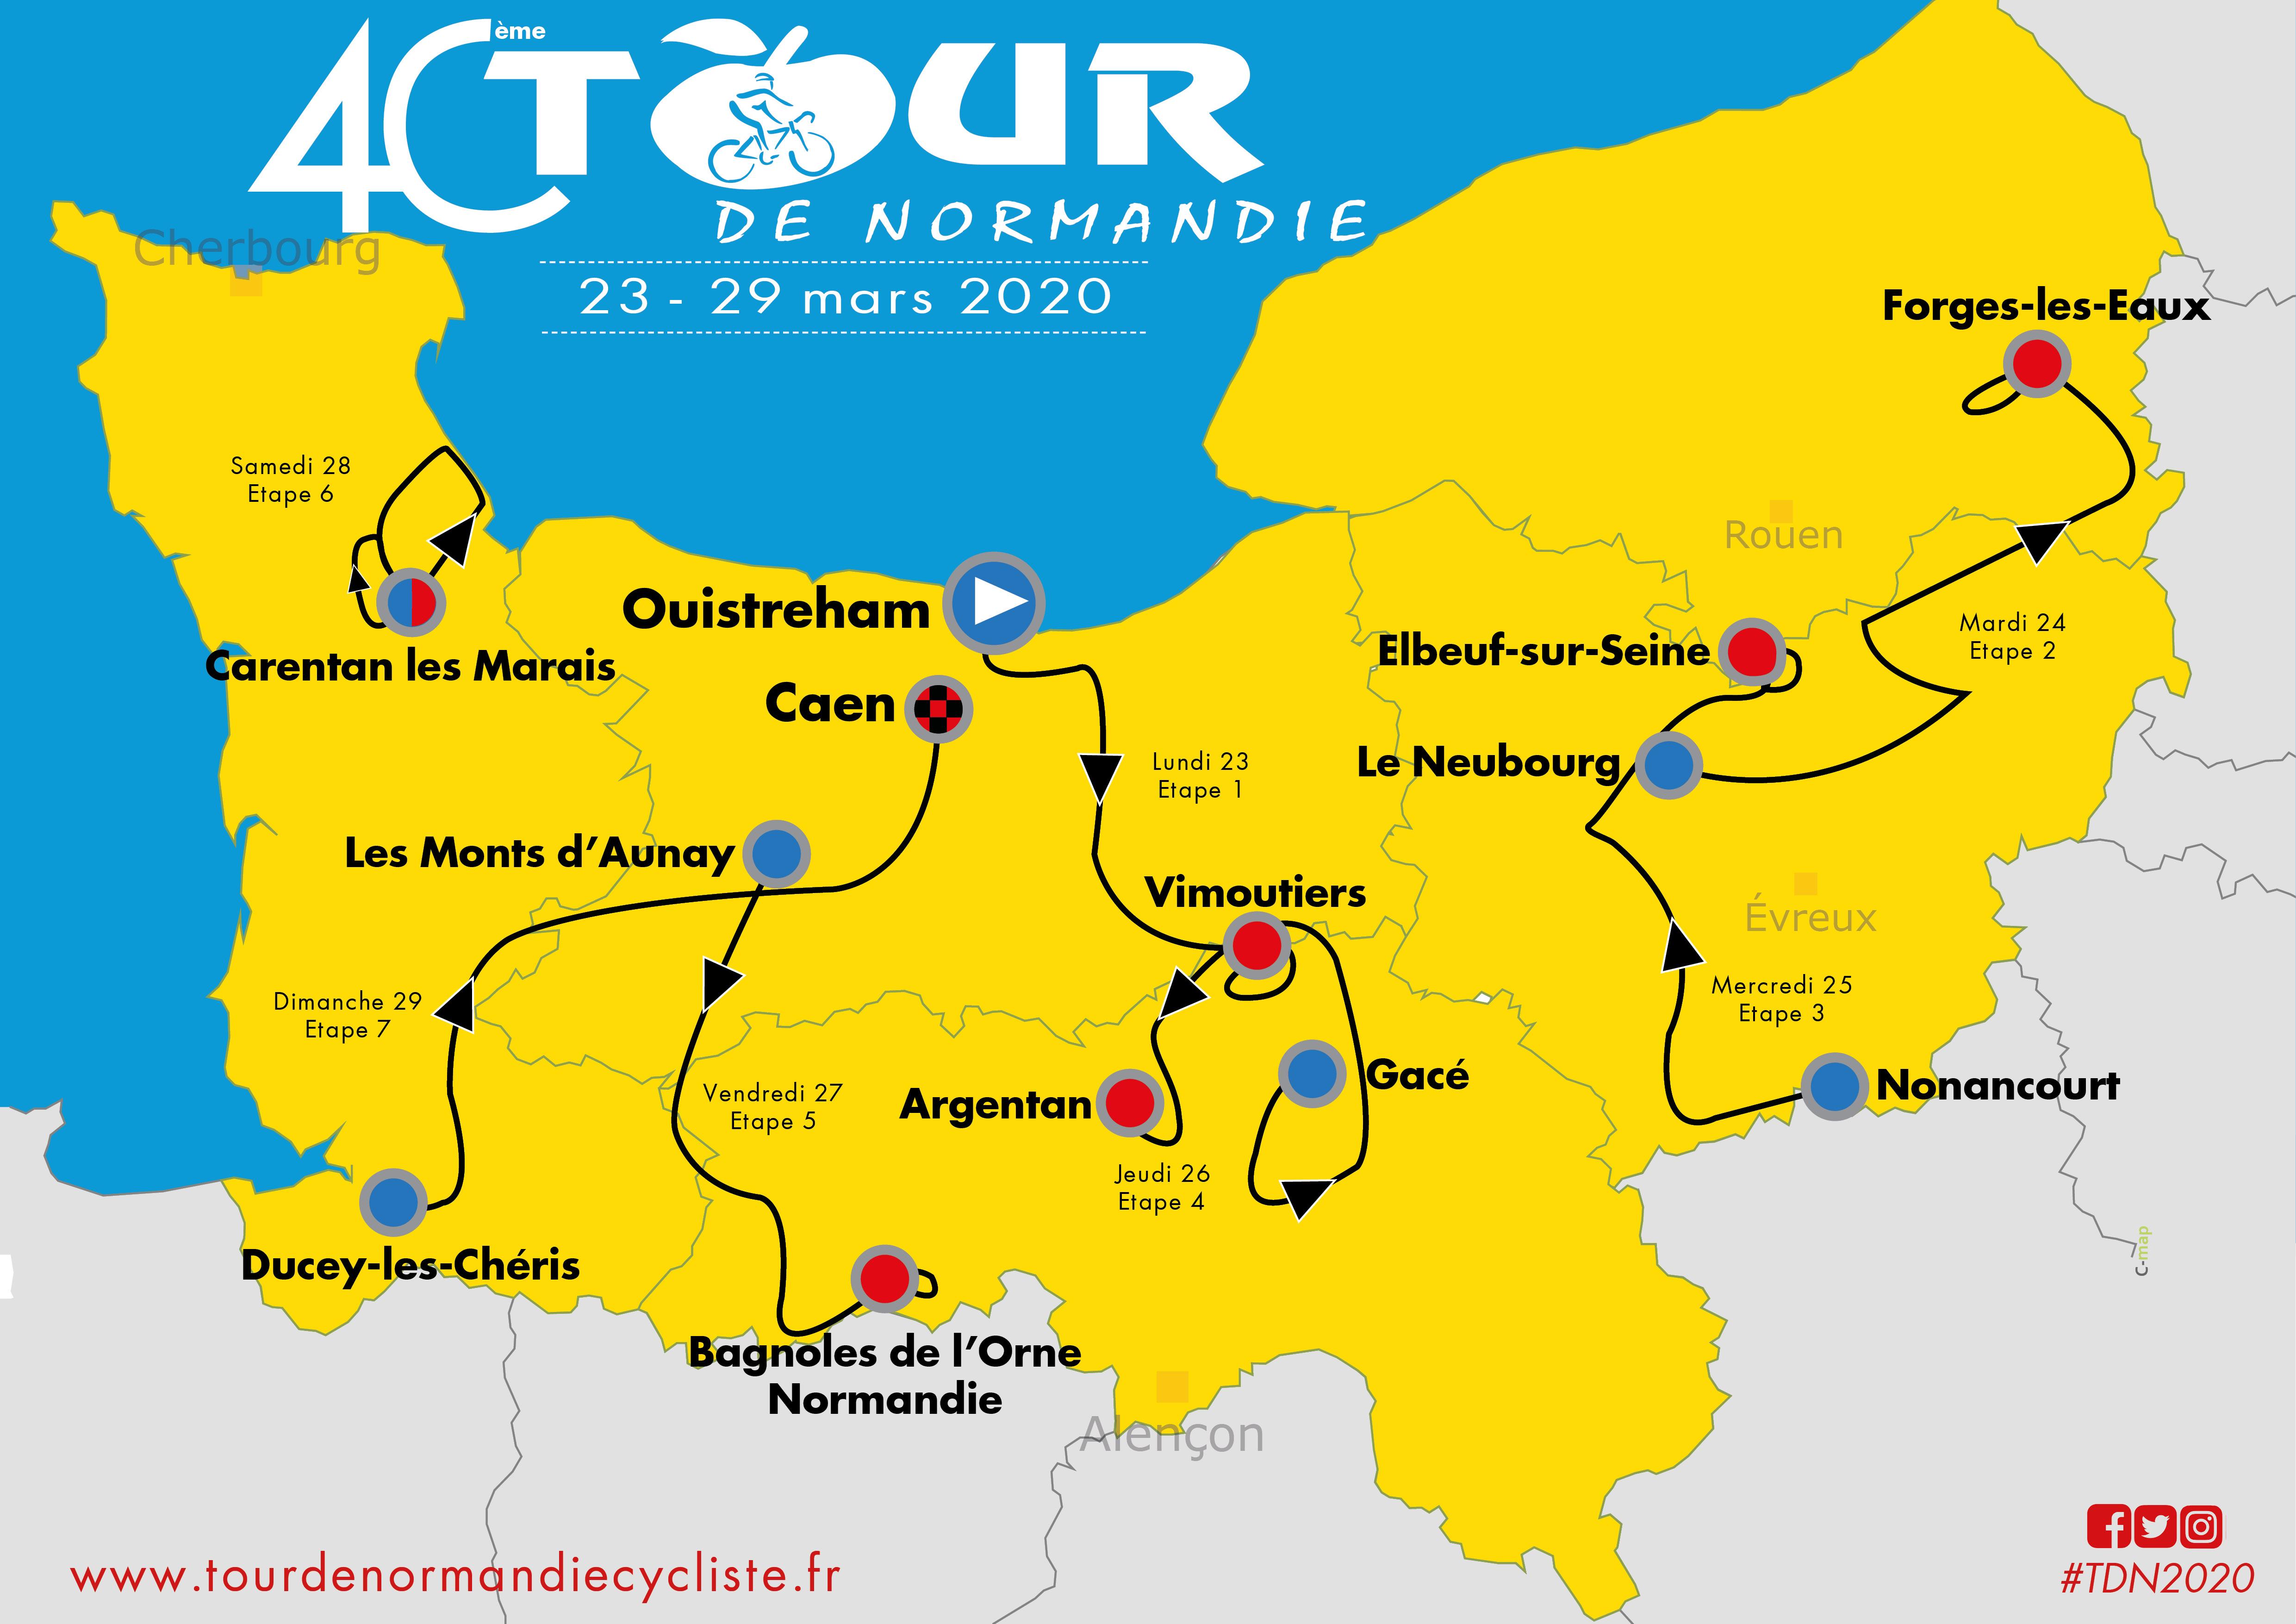 Tour de Normandie 2020 - Le Parcours